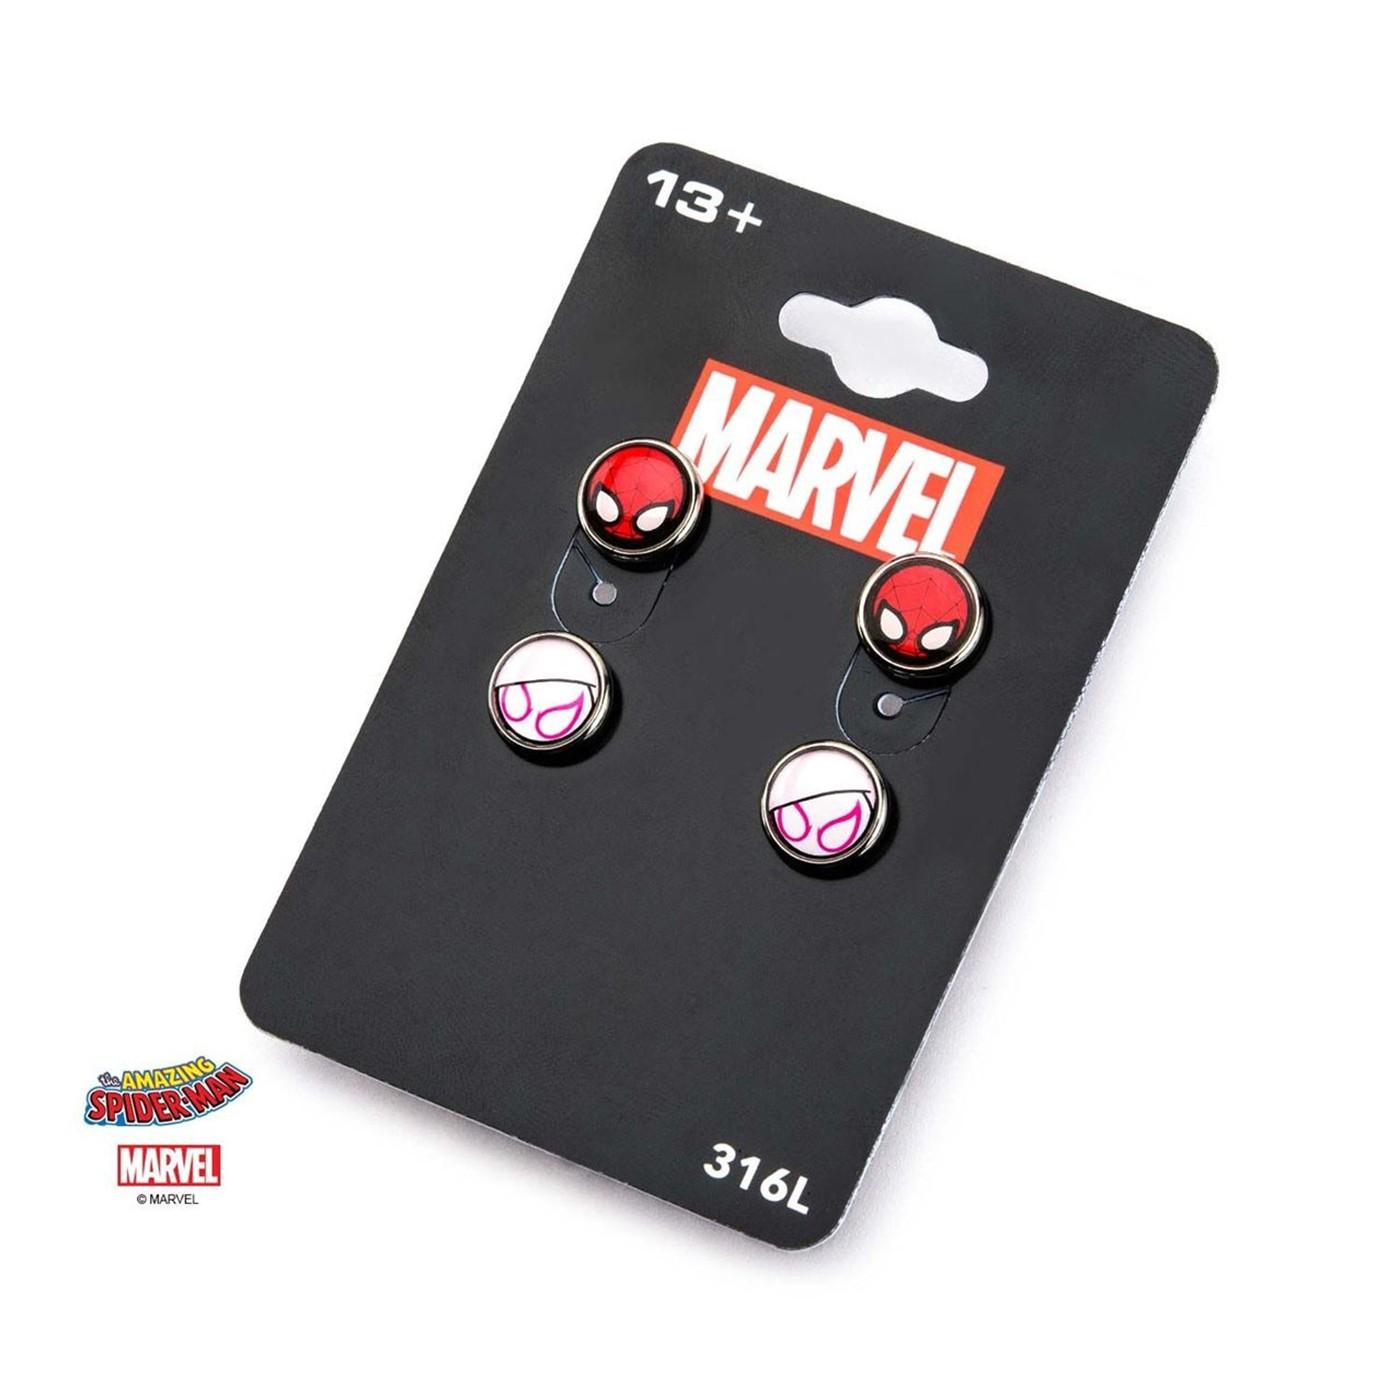 Marvel Base Metal Spider-Gwen Post Stud Earrings Set